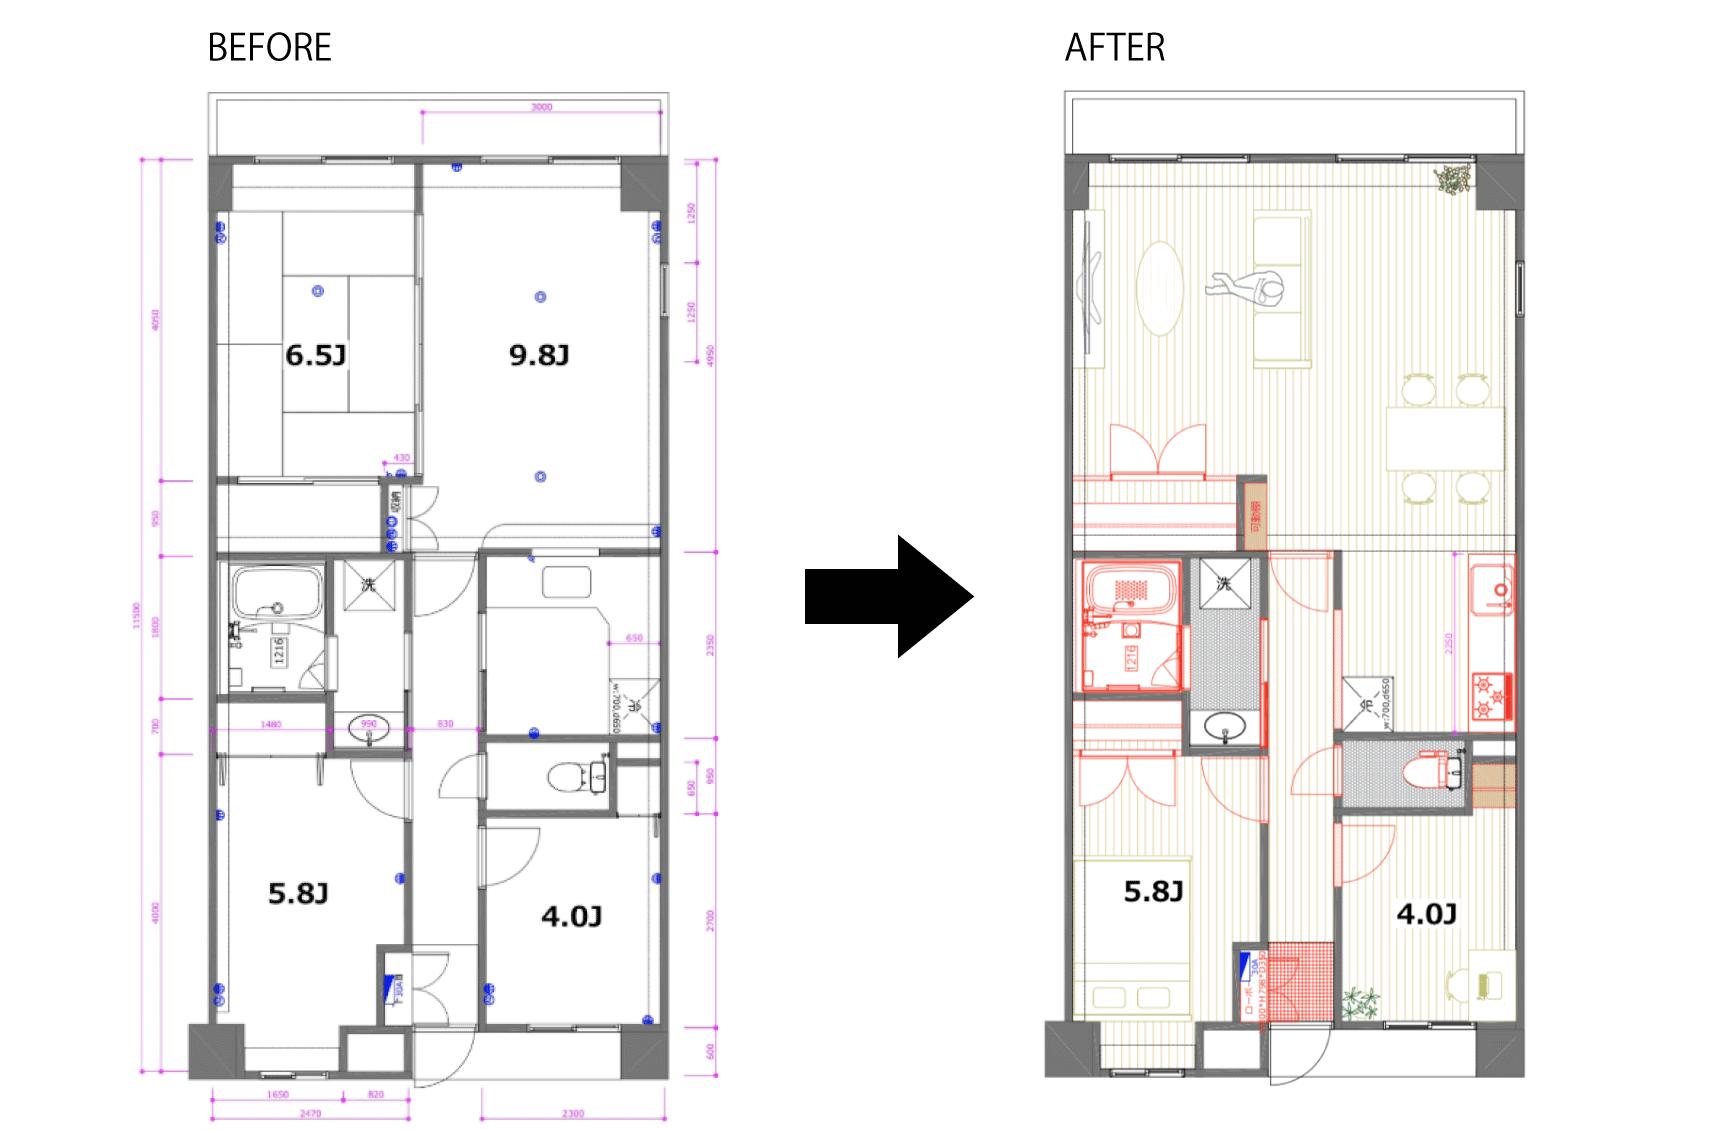 もともと、3LDKだった60㎡超のお部屋。ベランダ側の2部屋をつなげ、さらにキッチンとの間の仕切りを取ることで、かなり開放的なLDKが誕生しました。